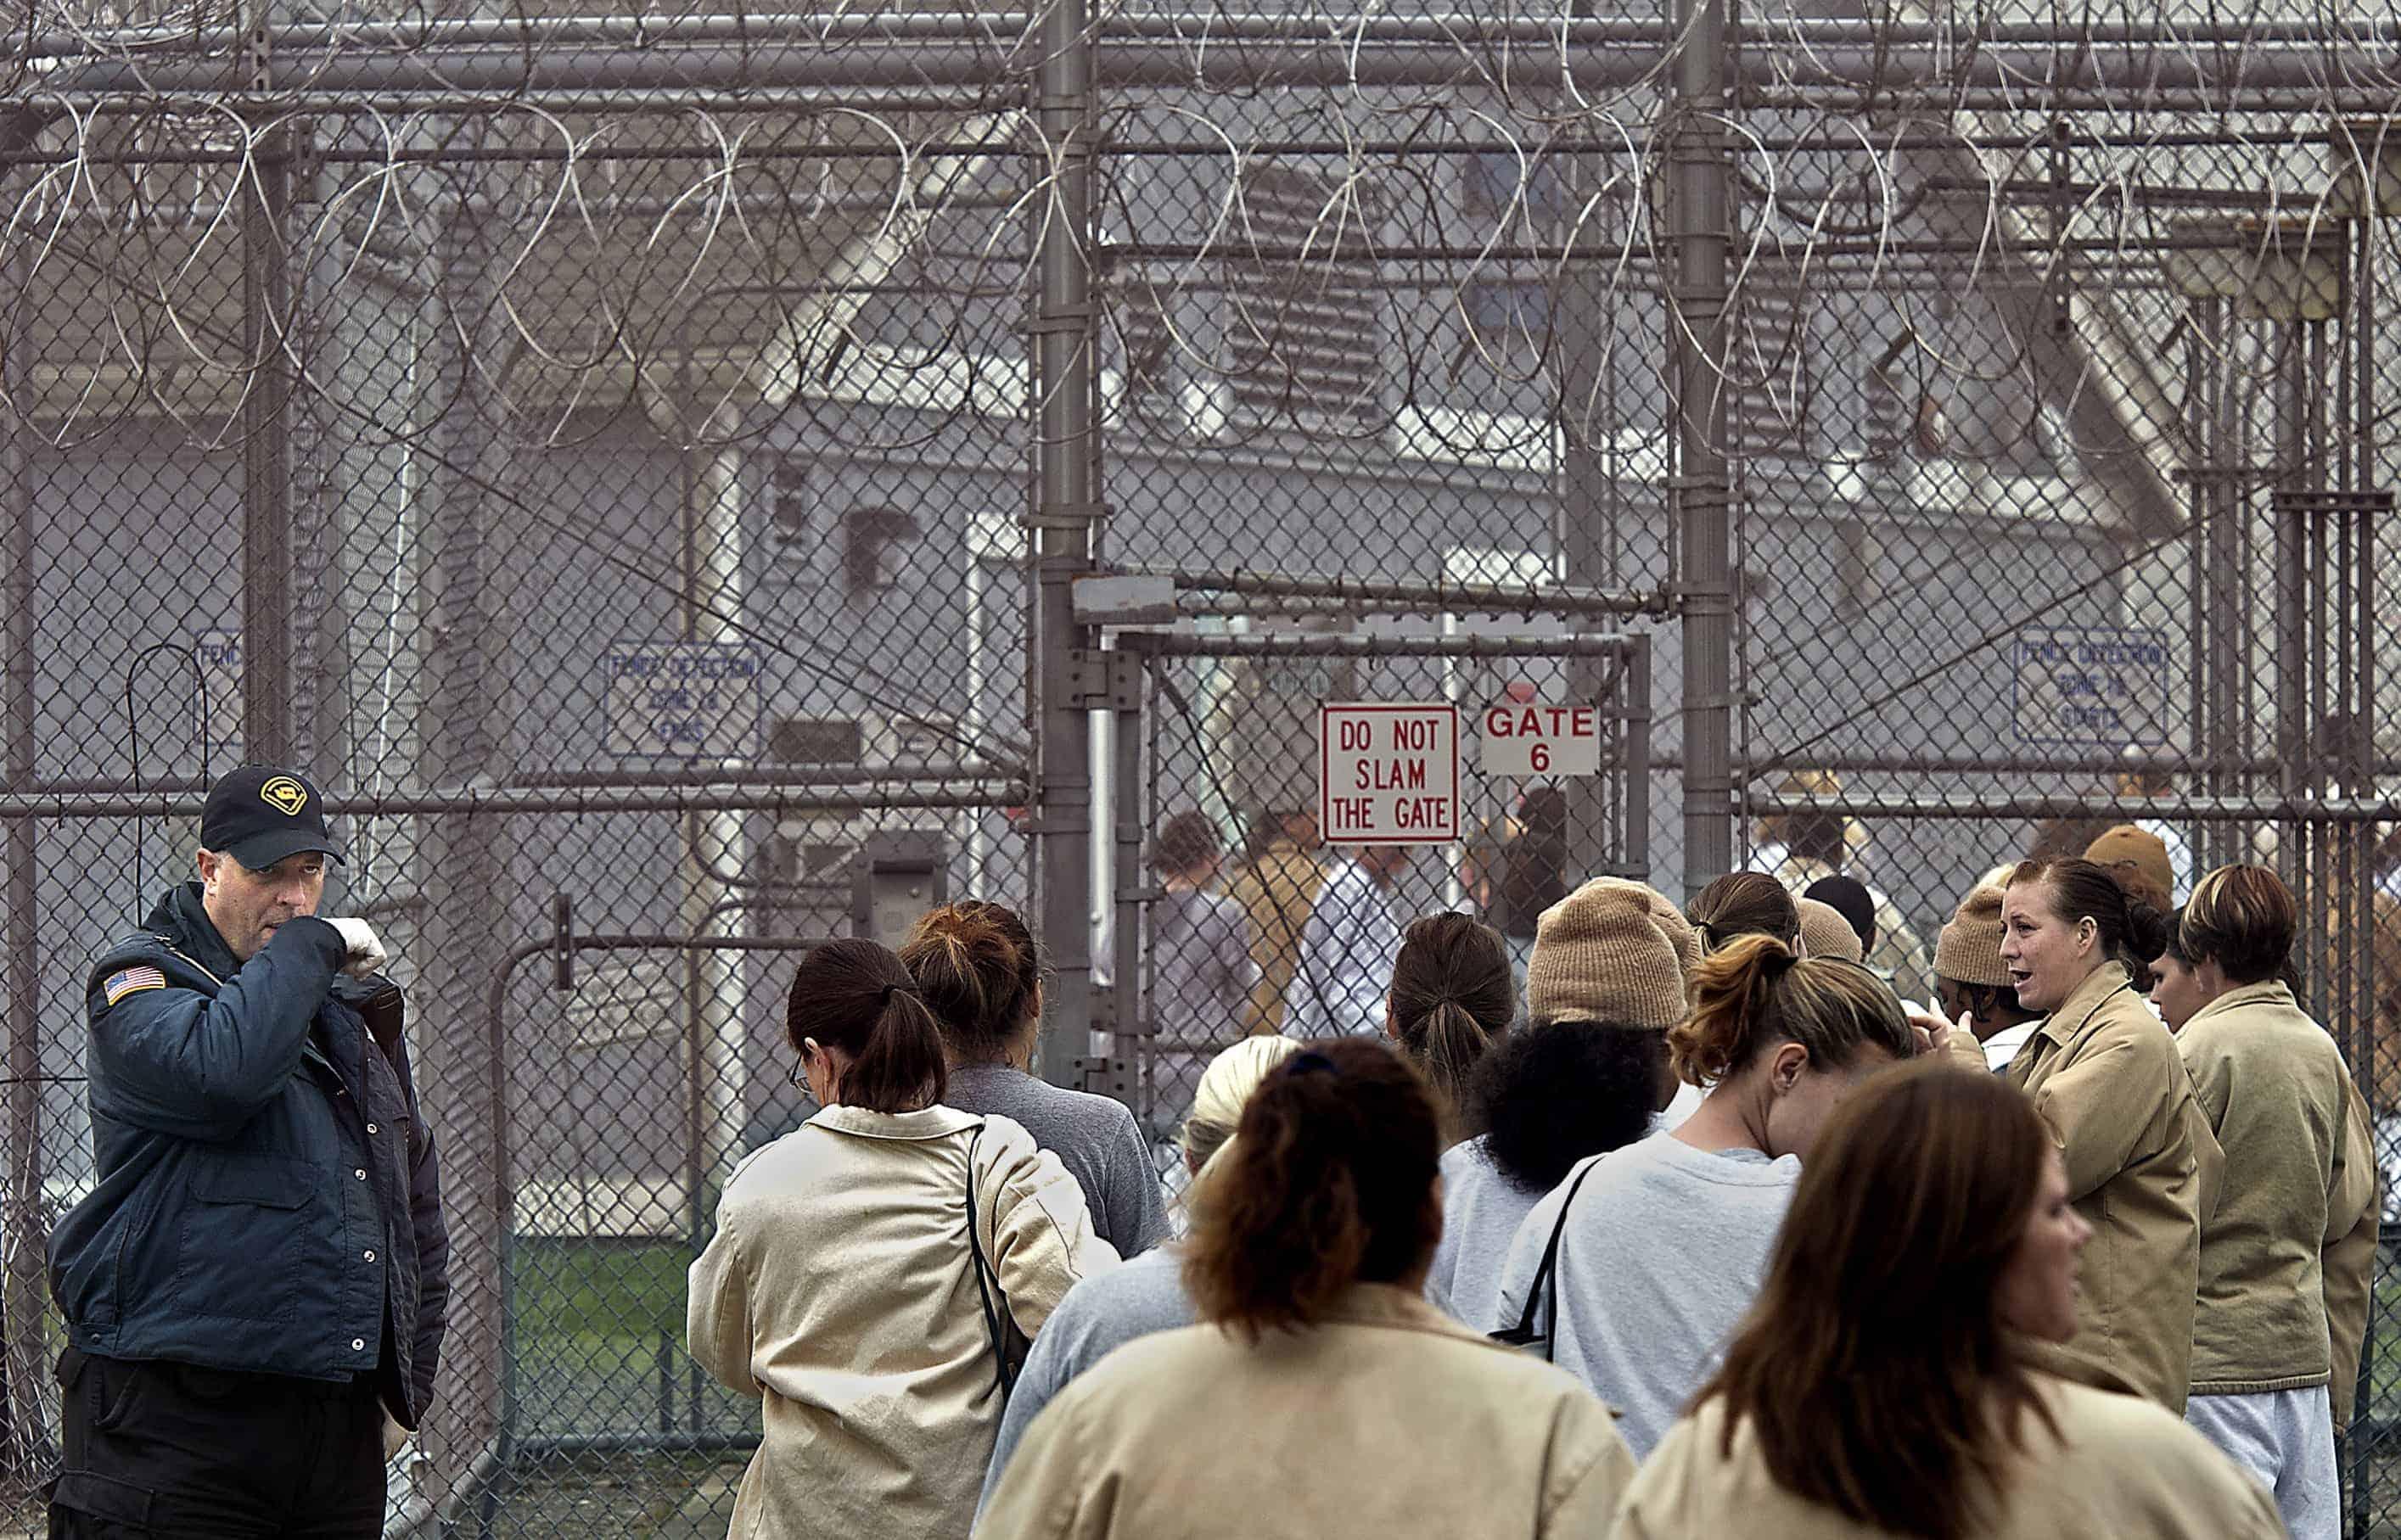 Prison Space